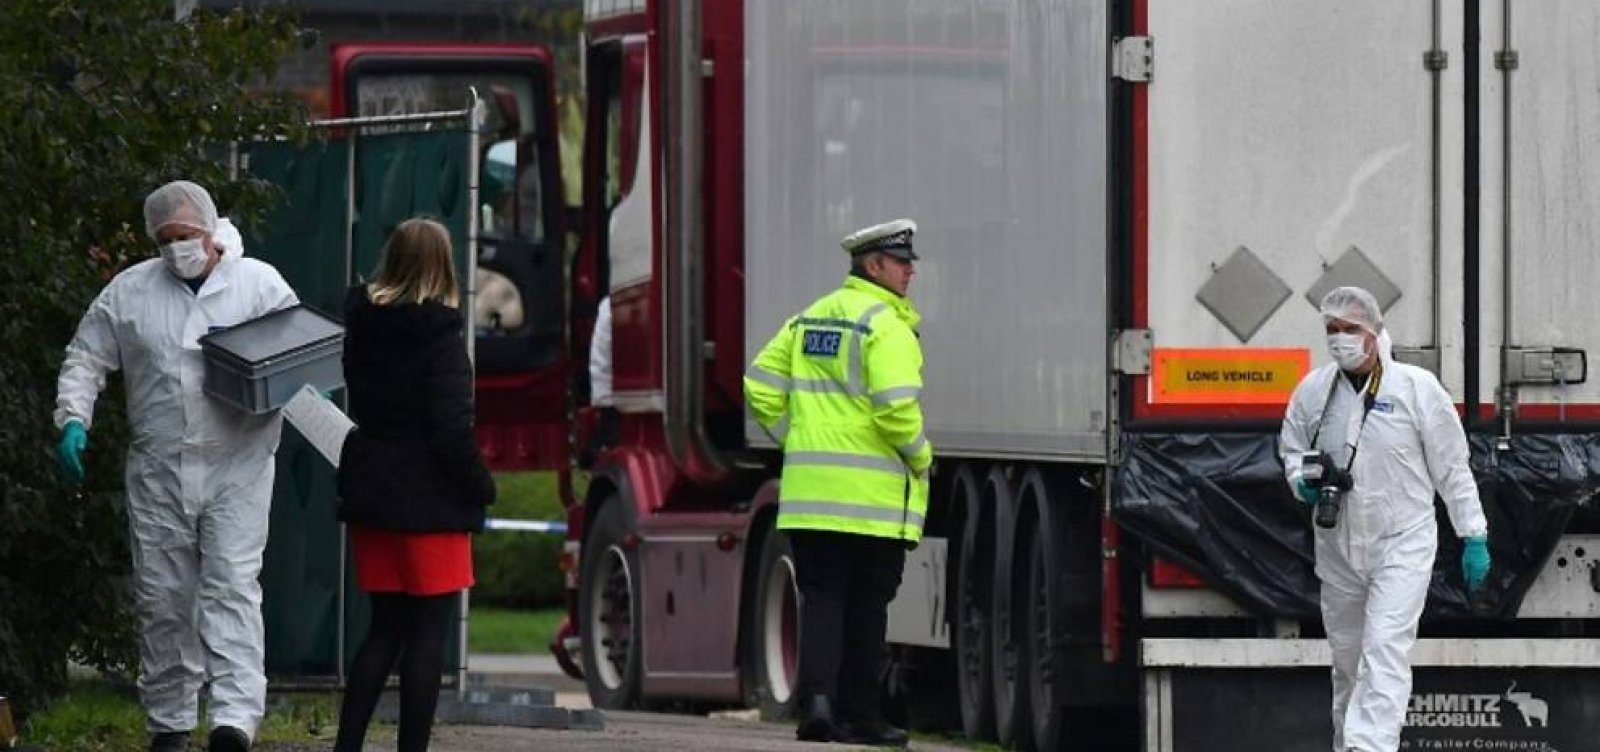 [Polícia britânica diz que corpos encontrados em caminhão são de vietnamitas]